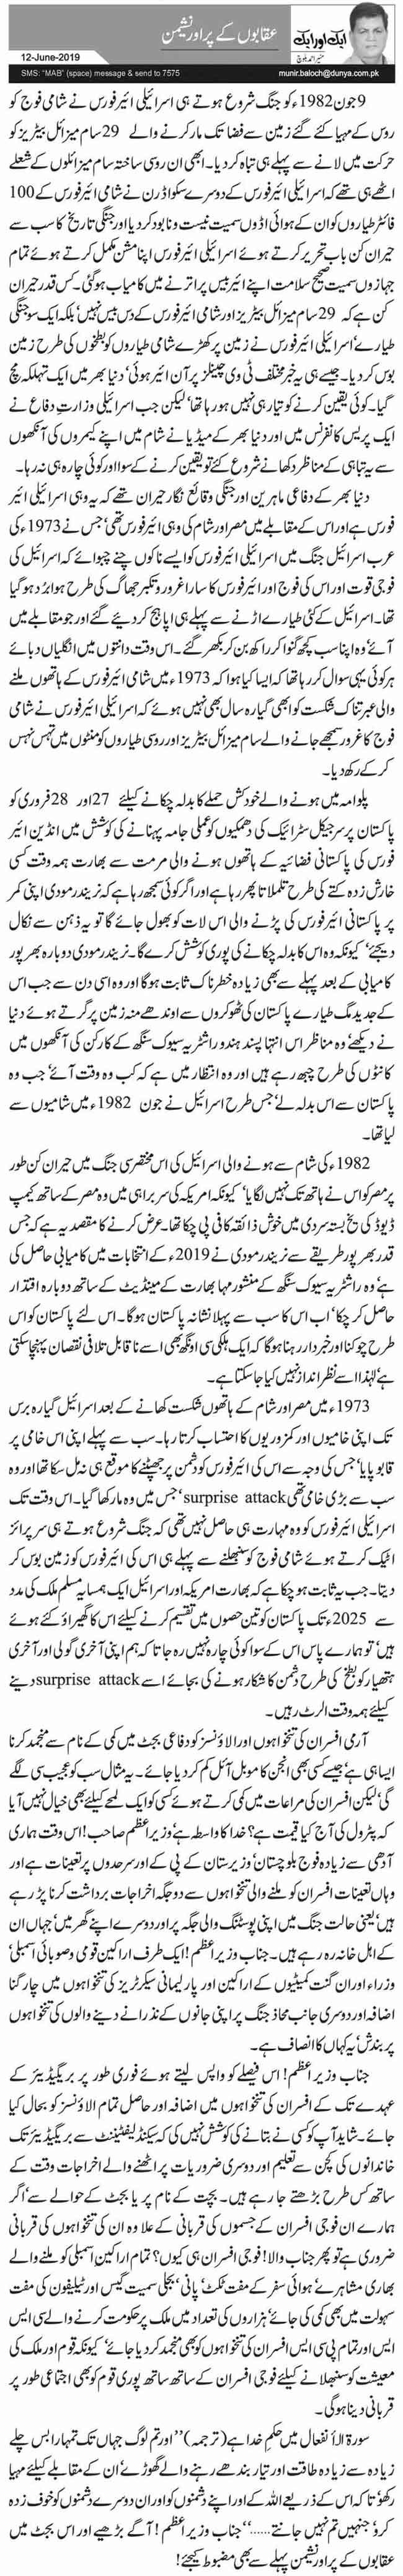 27417 17989750 - عقابوں کے پر اور نشیمن  منیر احمد بلوچ